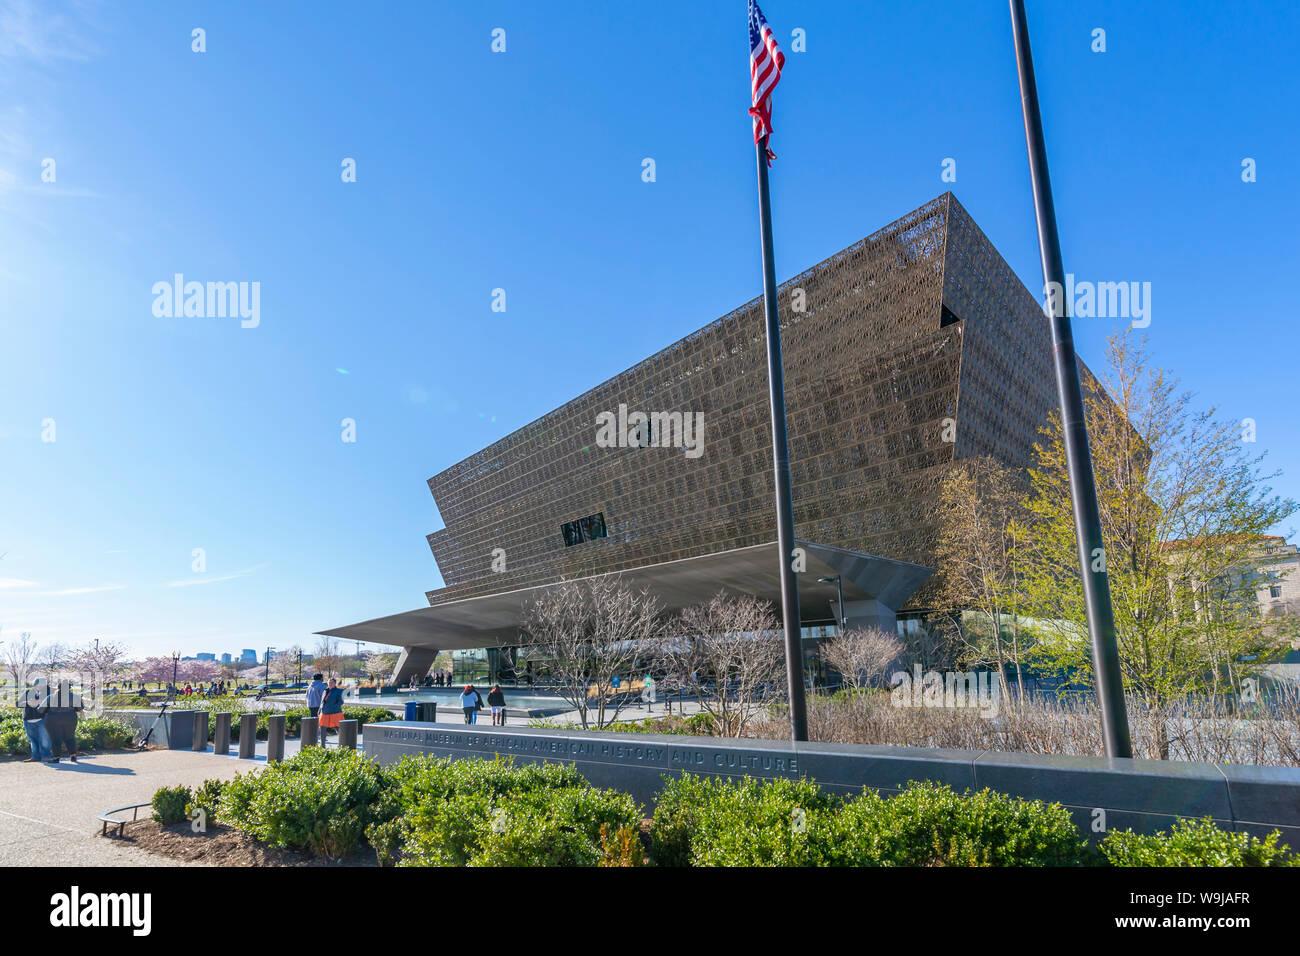 Das Nationalmuseum für Afrikanische Amerikanische Geschichte und Kultur im Frühjahr, Washington D.C., Vereinigte Staaten von Amerika, Nordamerika Stockfoto